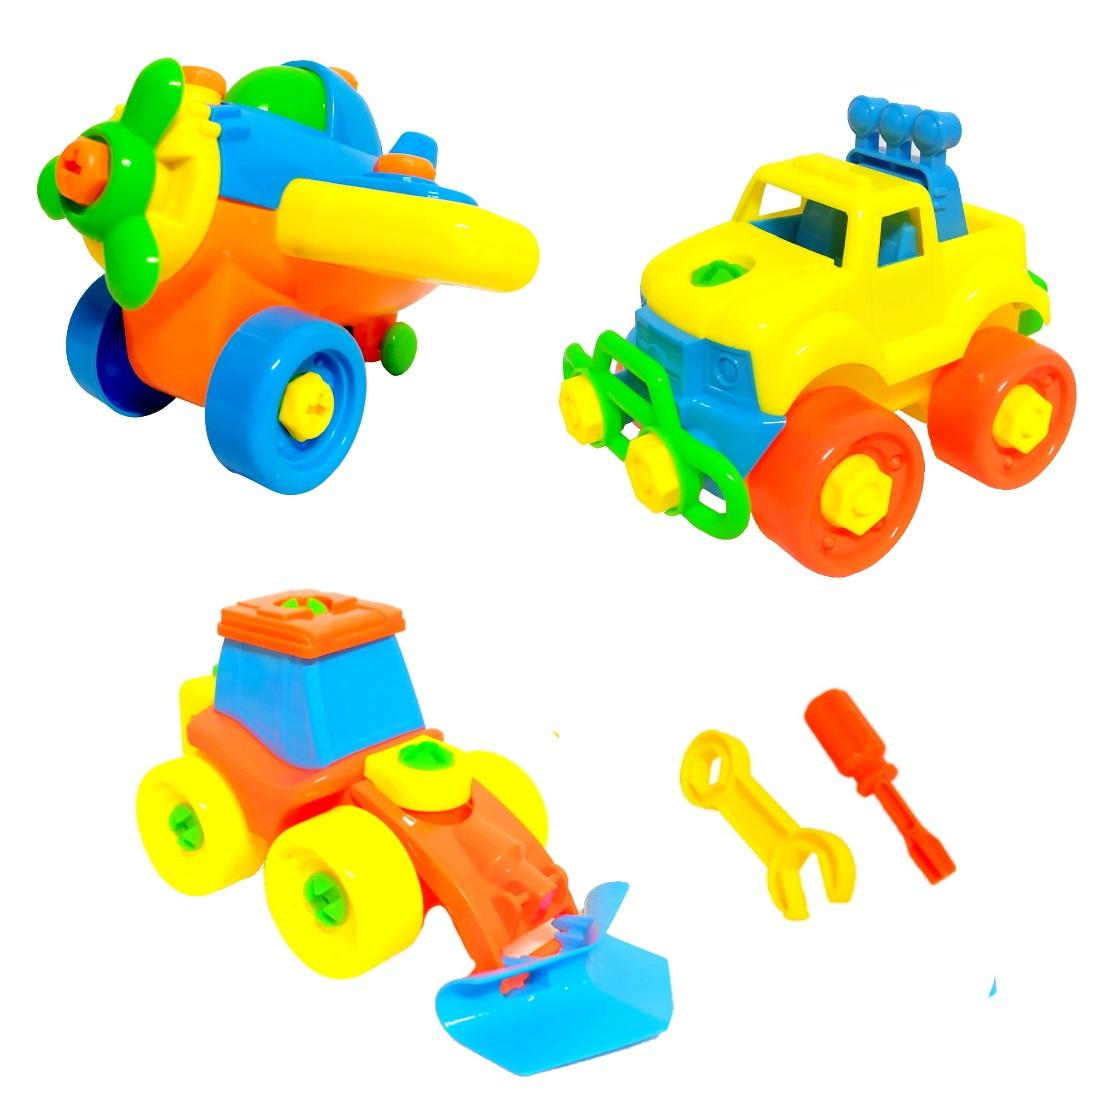 Brinquedo Infantil de Montar Kit com Avião Trator e Caminhão